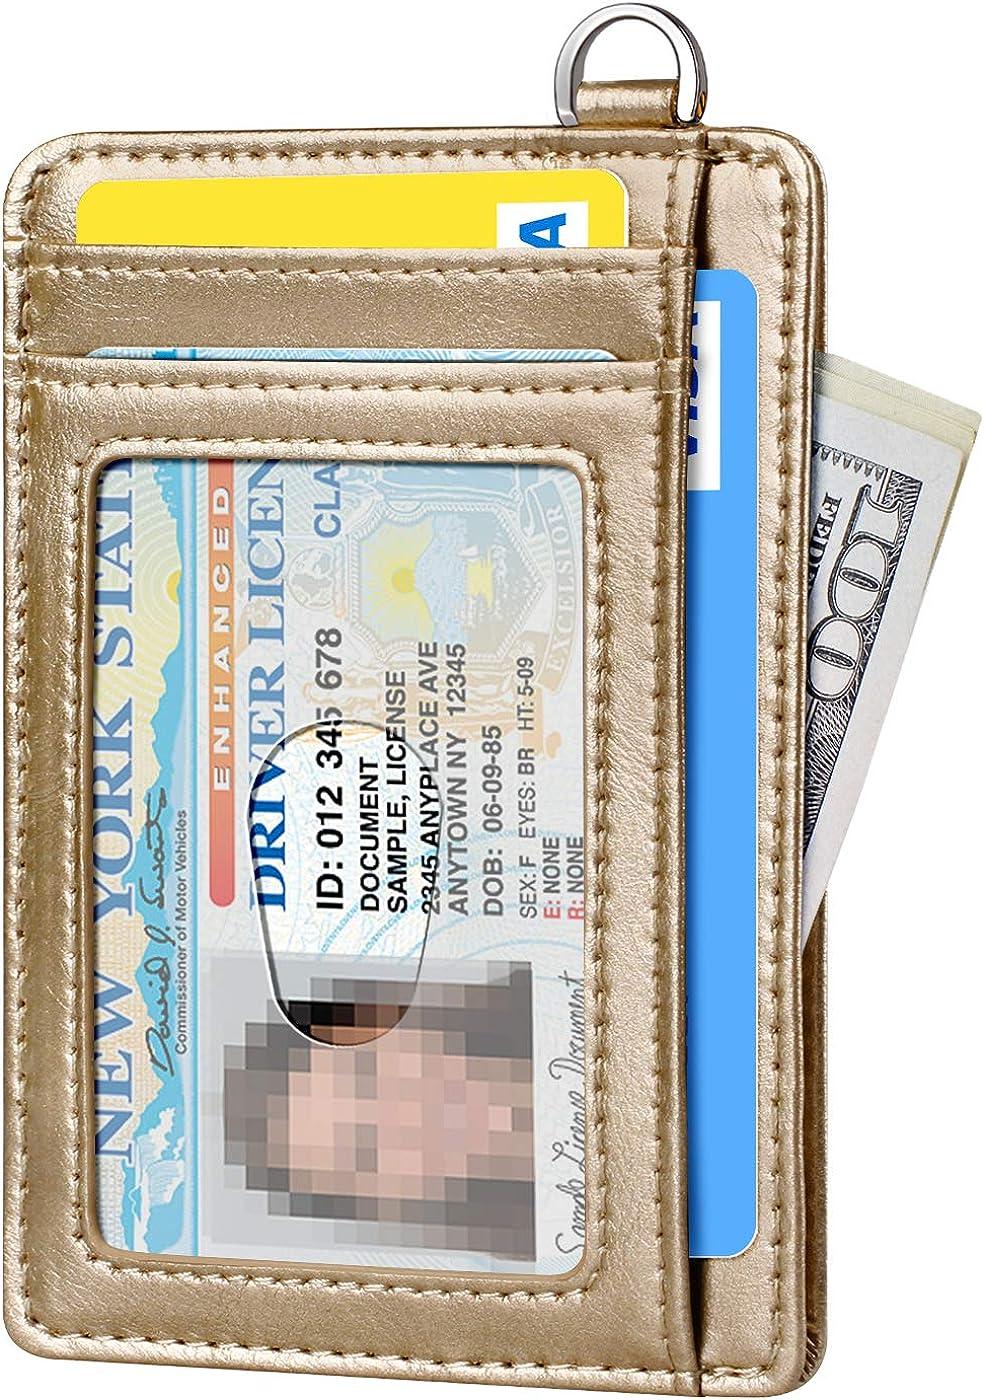 poche avant porte-cartes de cr/édit avec anse en D blocage RFID FurArt Portefeuille fin minimaliste